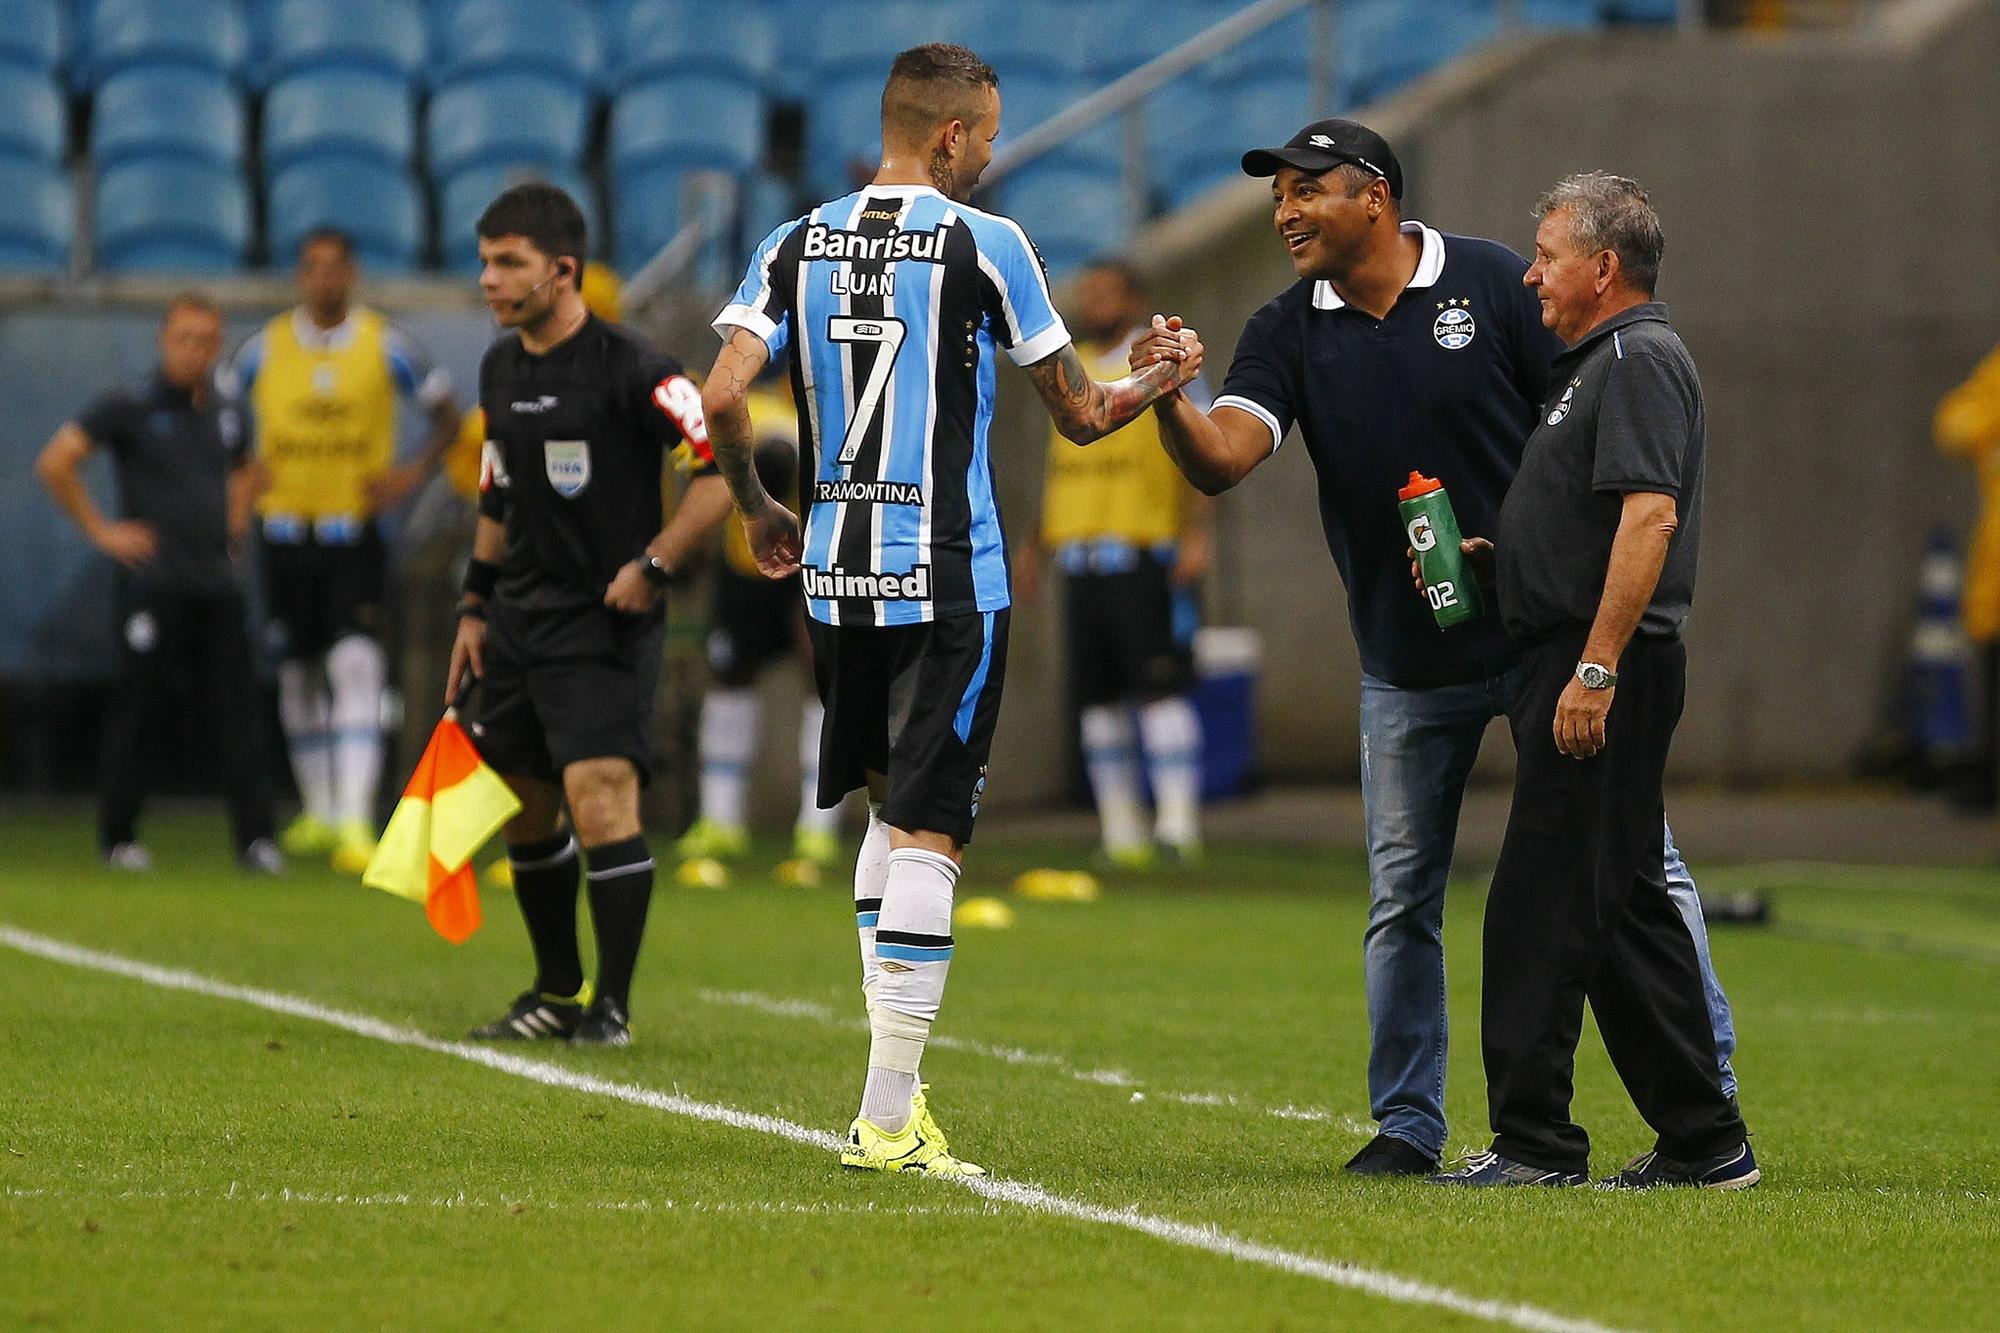 d4aa2f00ba9a9 Luan divide méritos de Renato no título